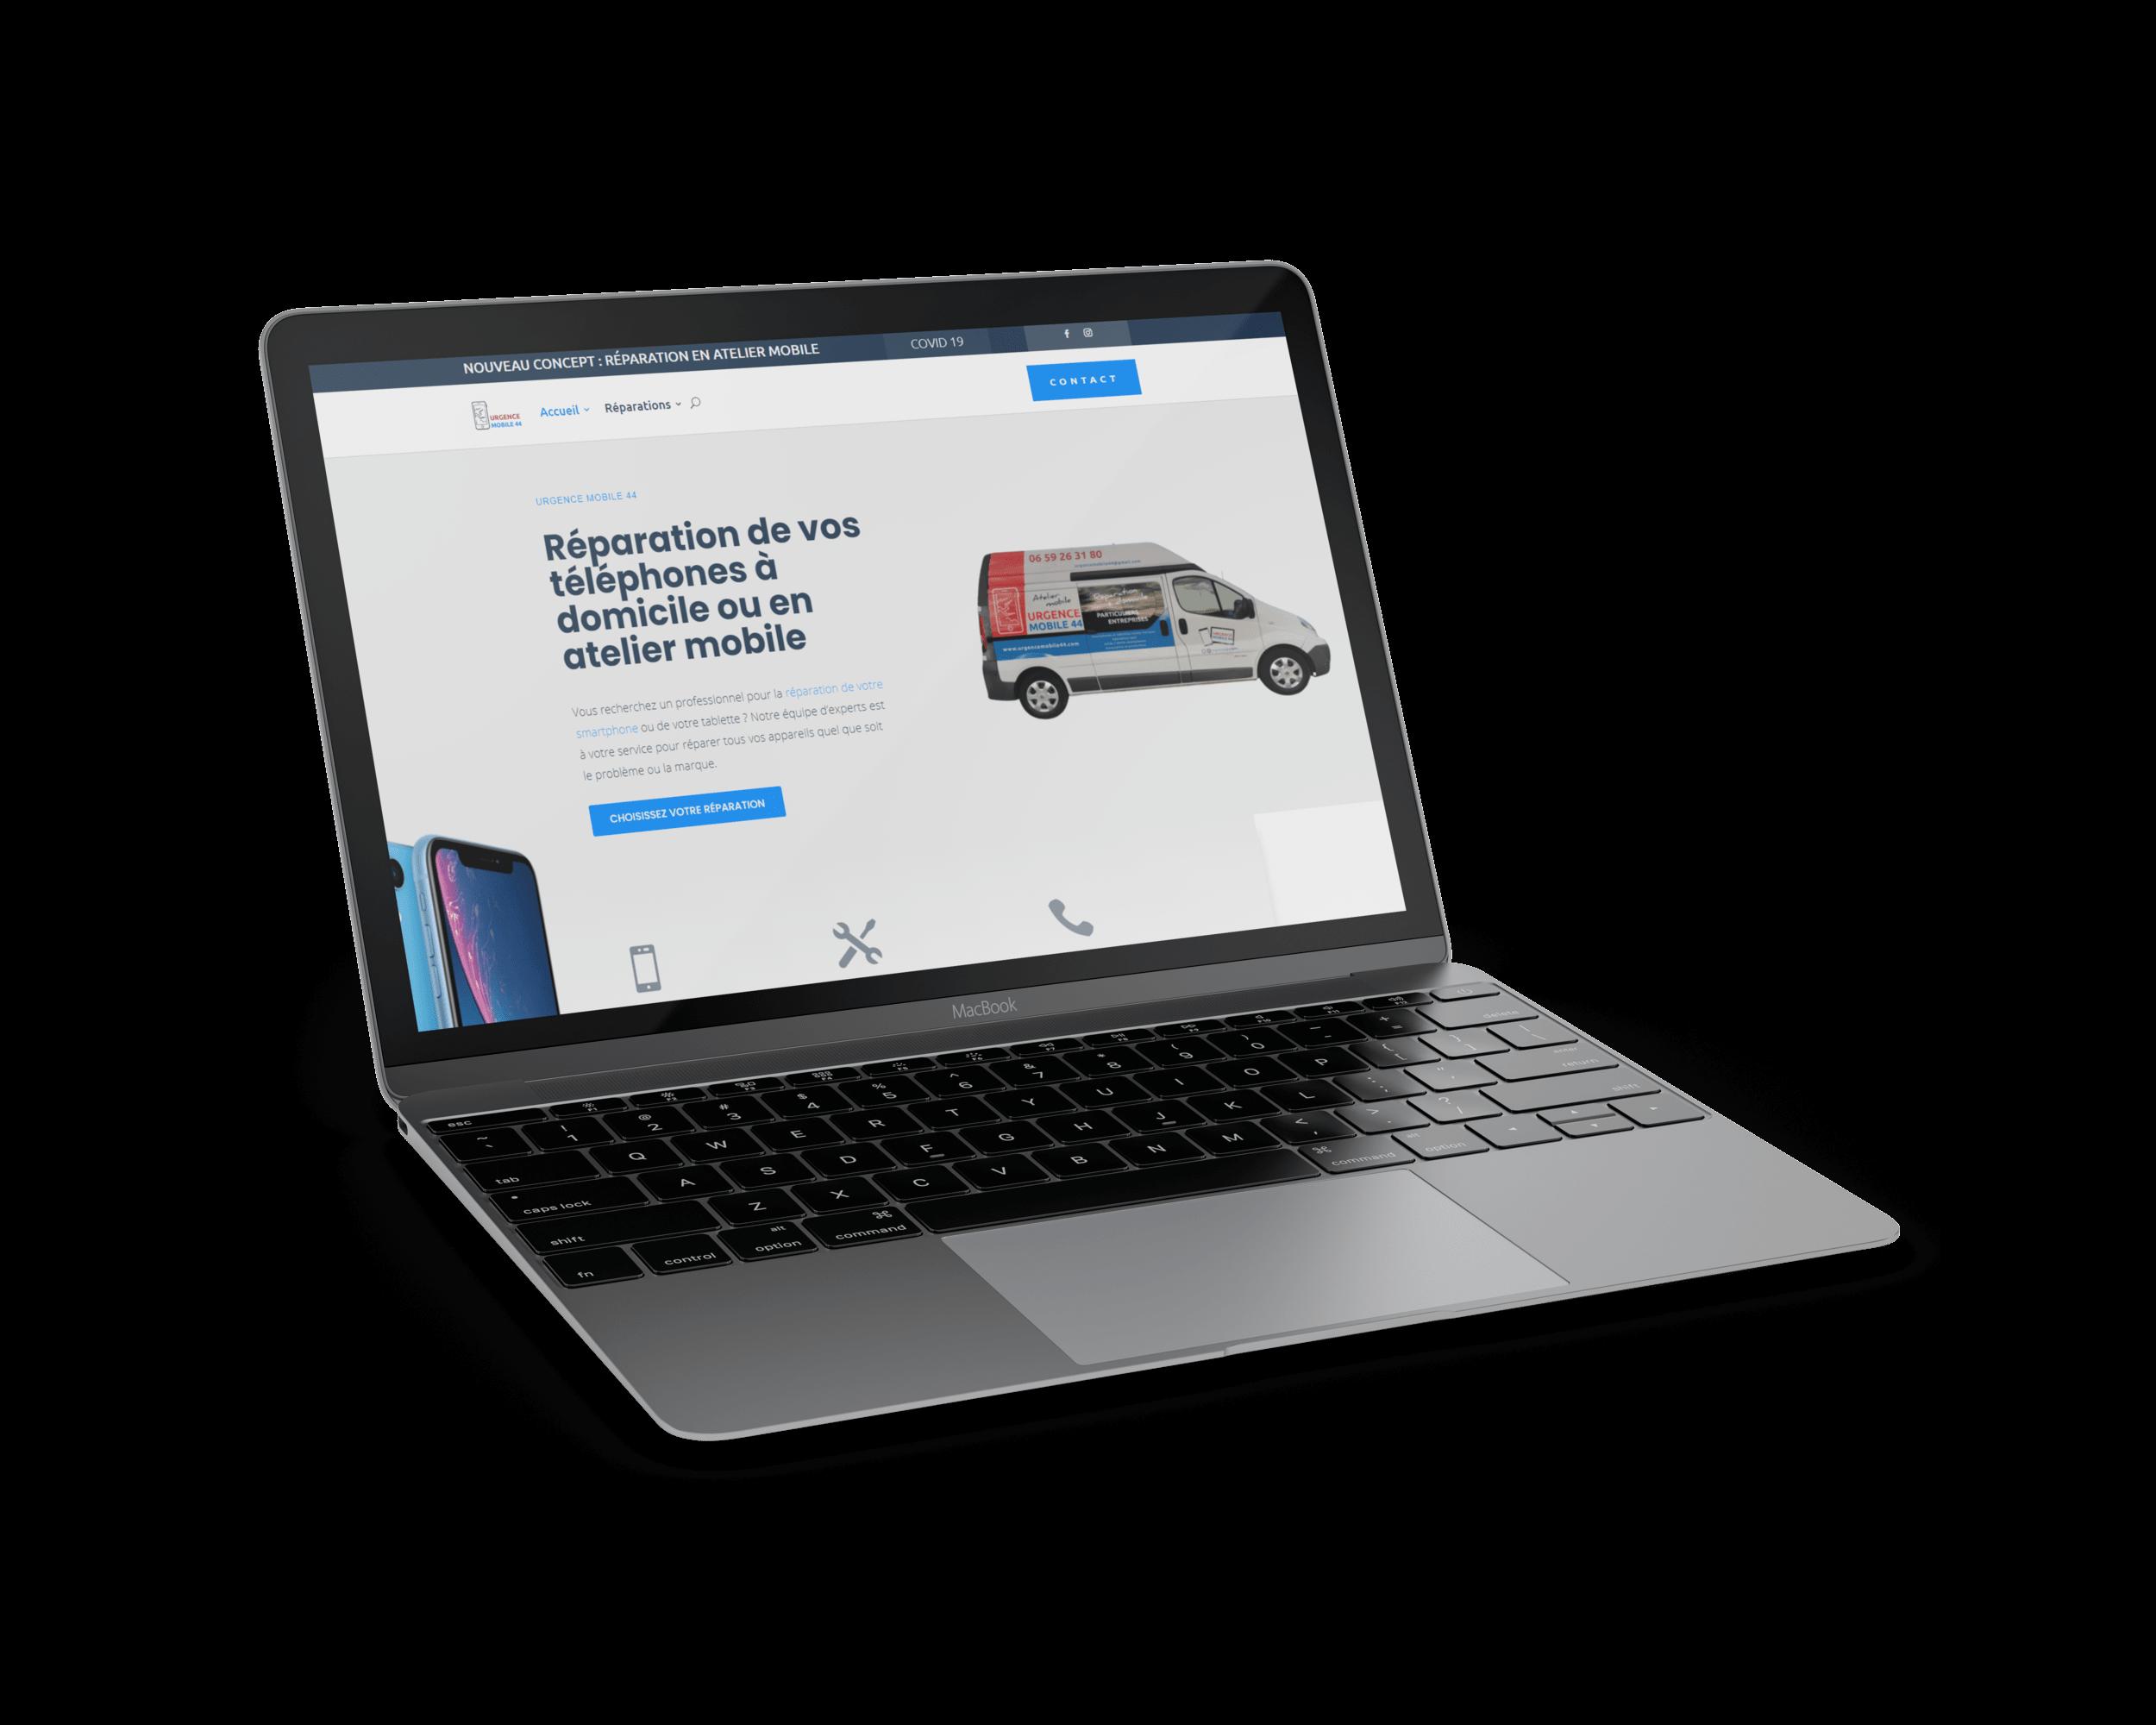 urgencemobile44.com